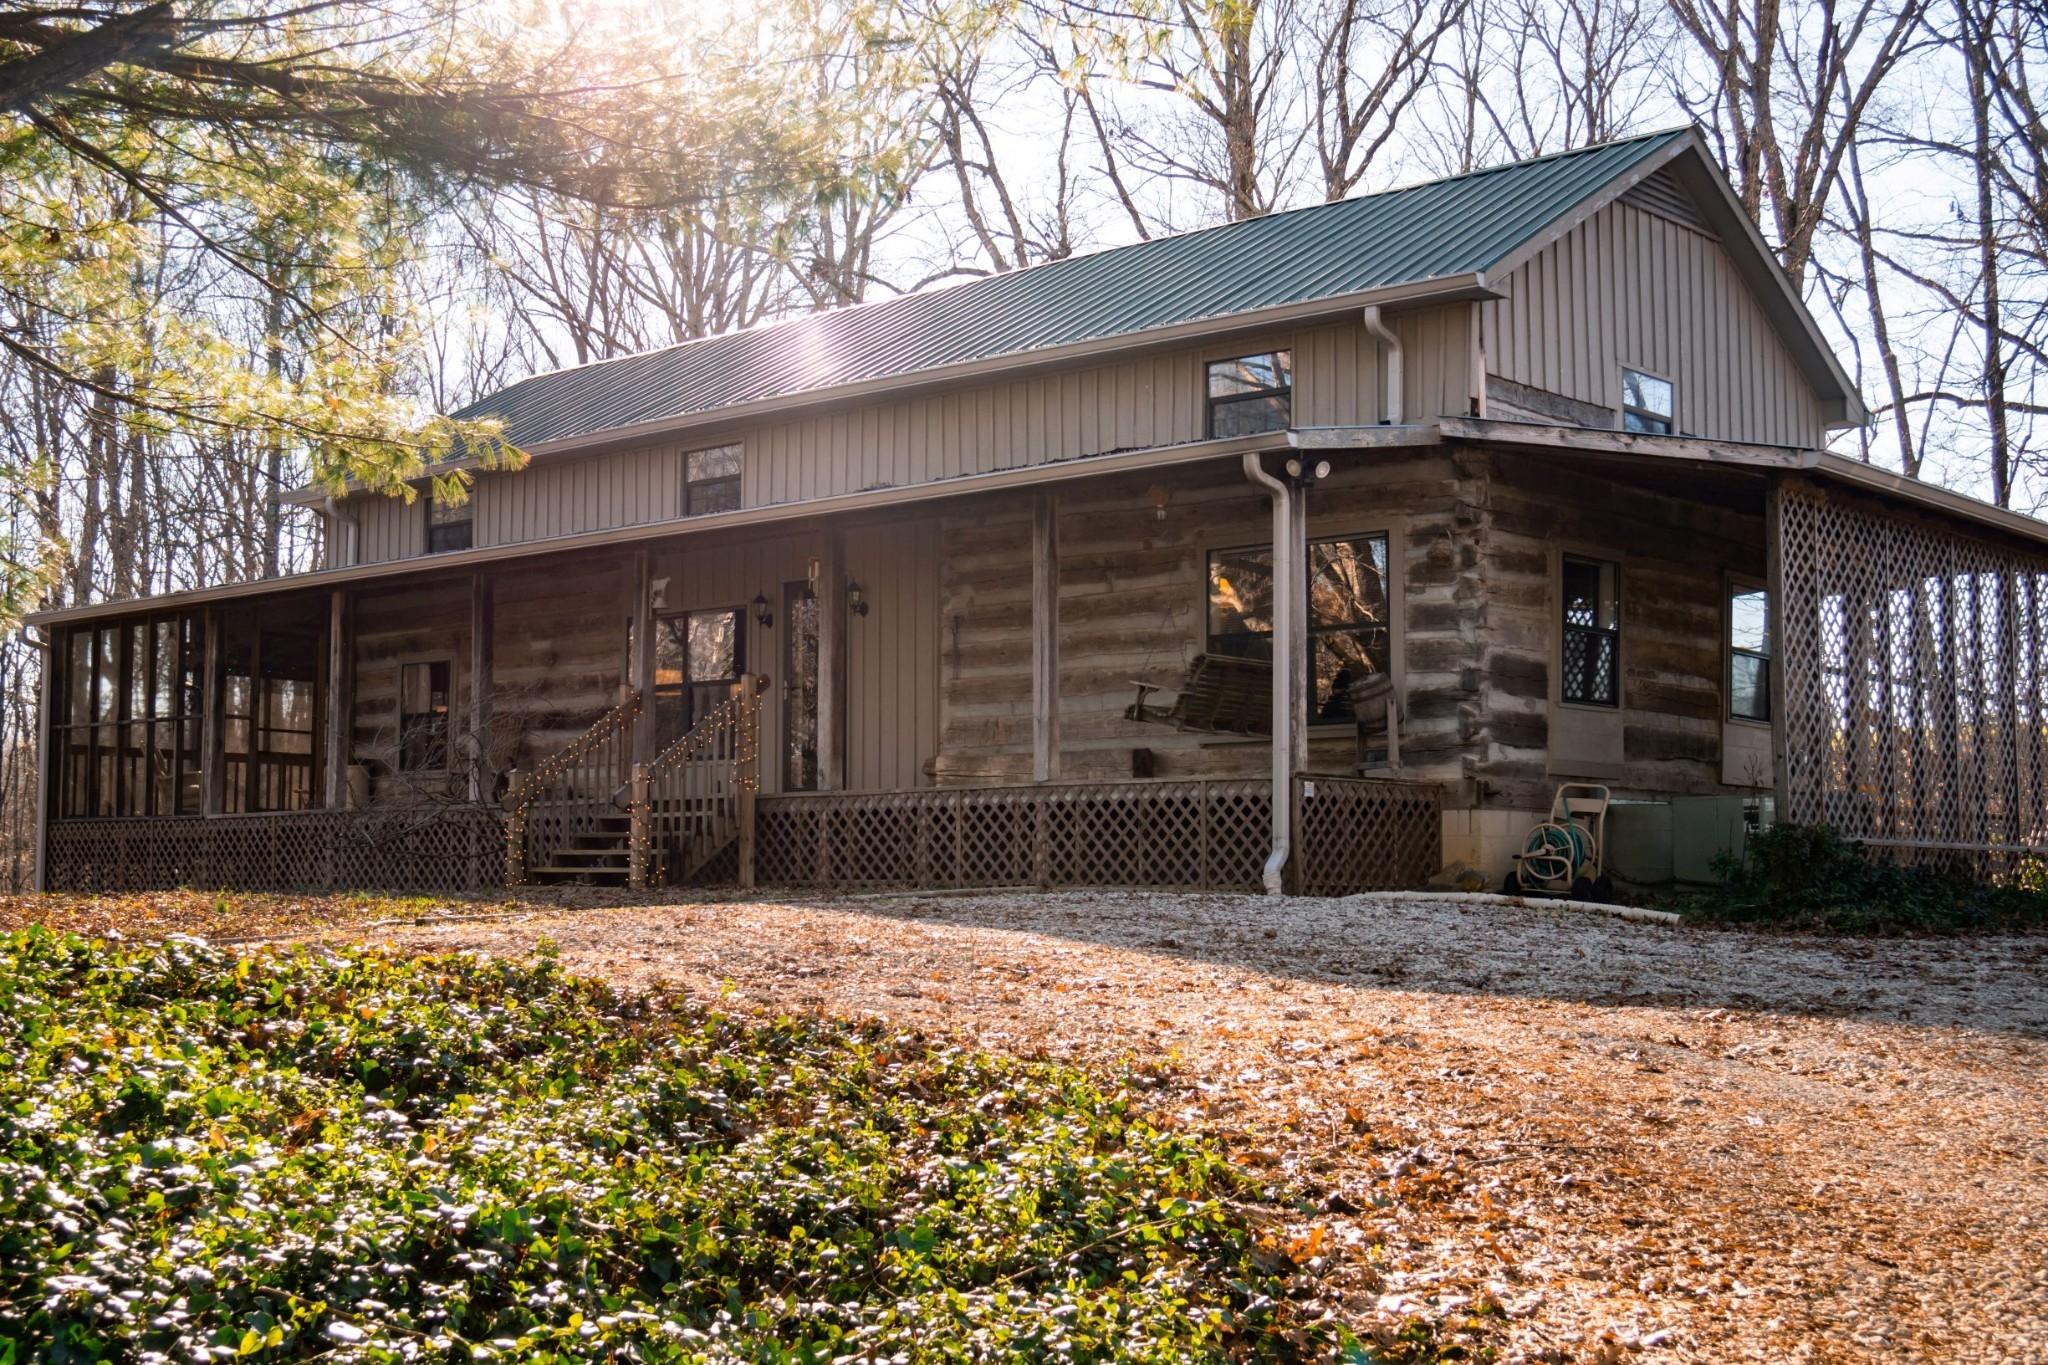 137 Greenbriar Rd, Lawrenceburg, TN 38464 - Lawrenceburg, TN real estate listing